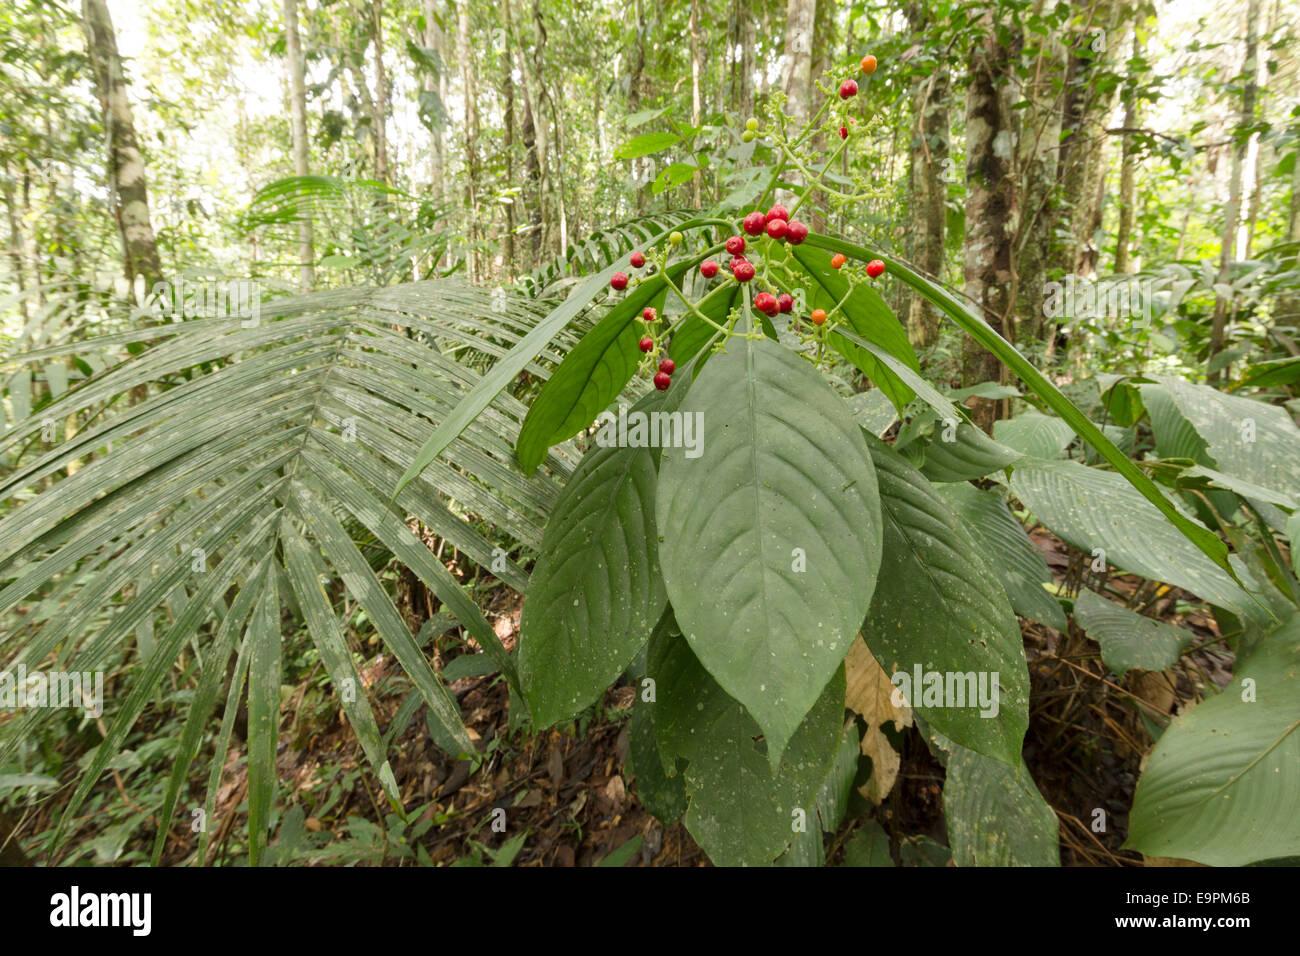 Understory Strauch mit reifen roten Beeren im tropischen Regenwald im ecuadorianischen Amazonasgebiet Stockbild